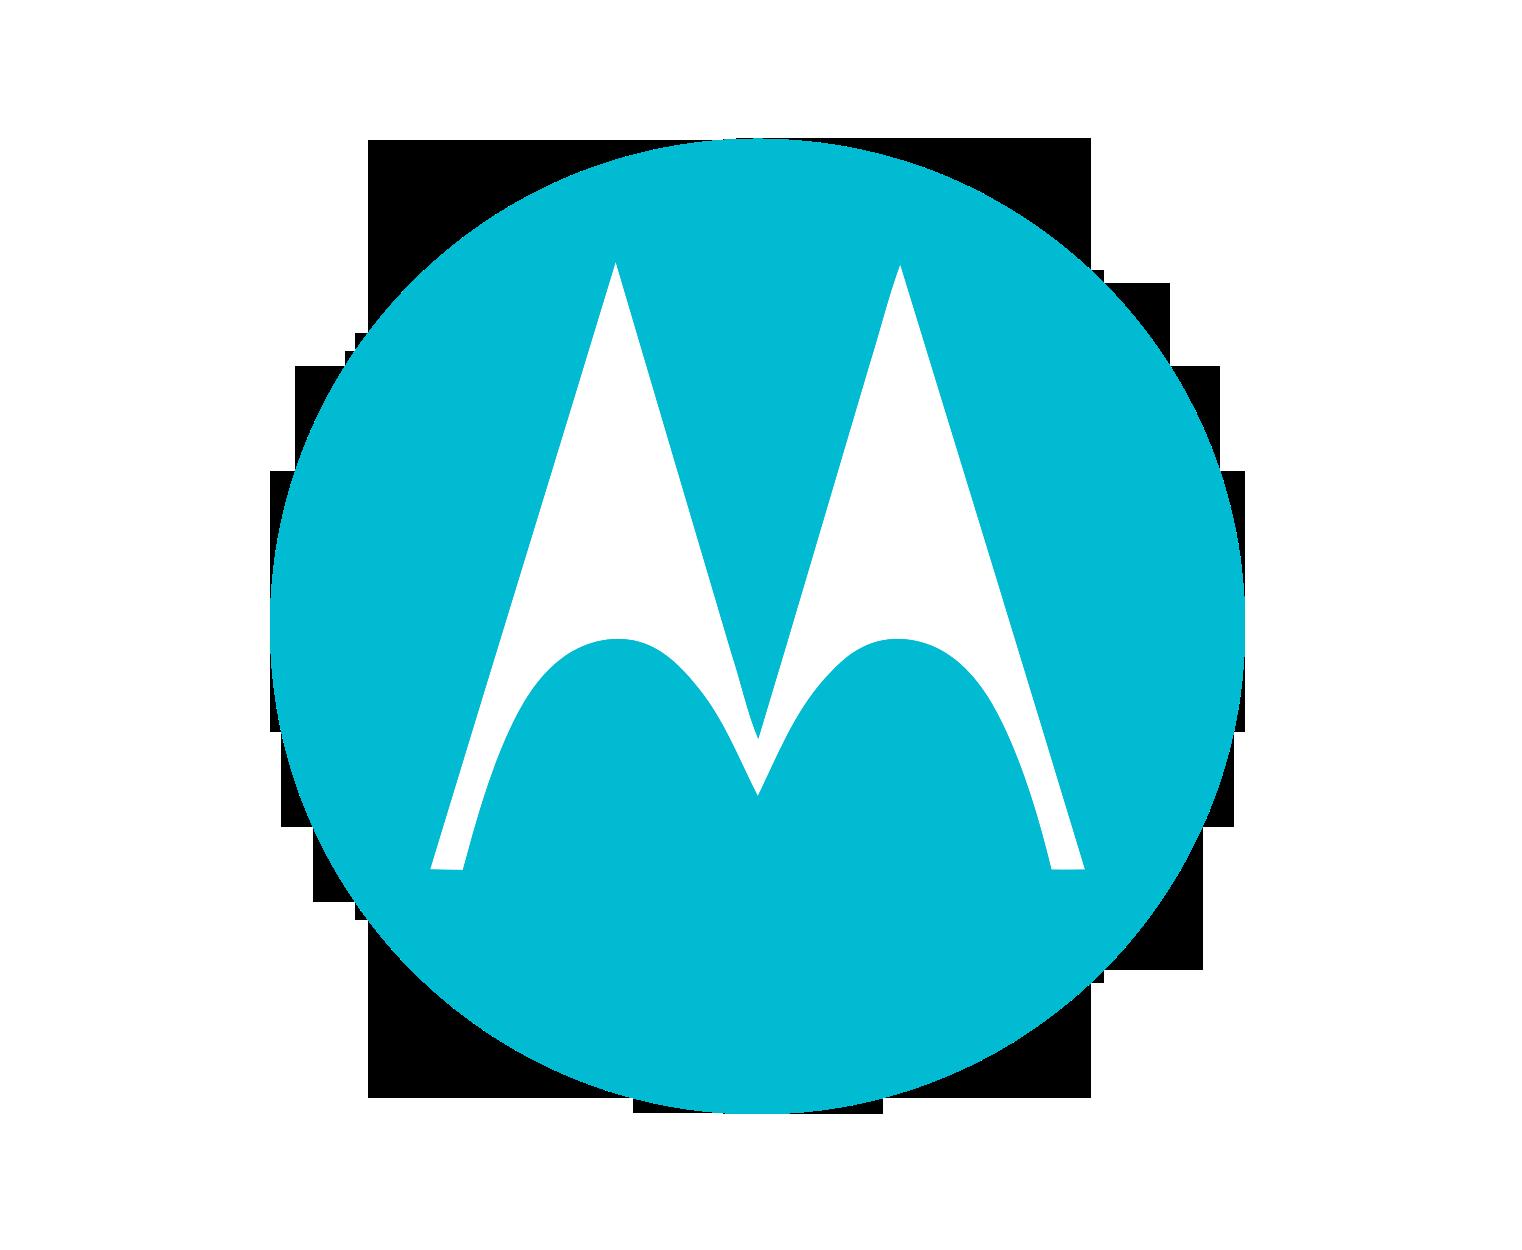 Motorola - Motorola PNG